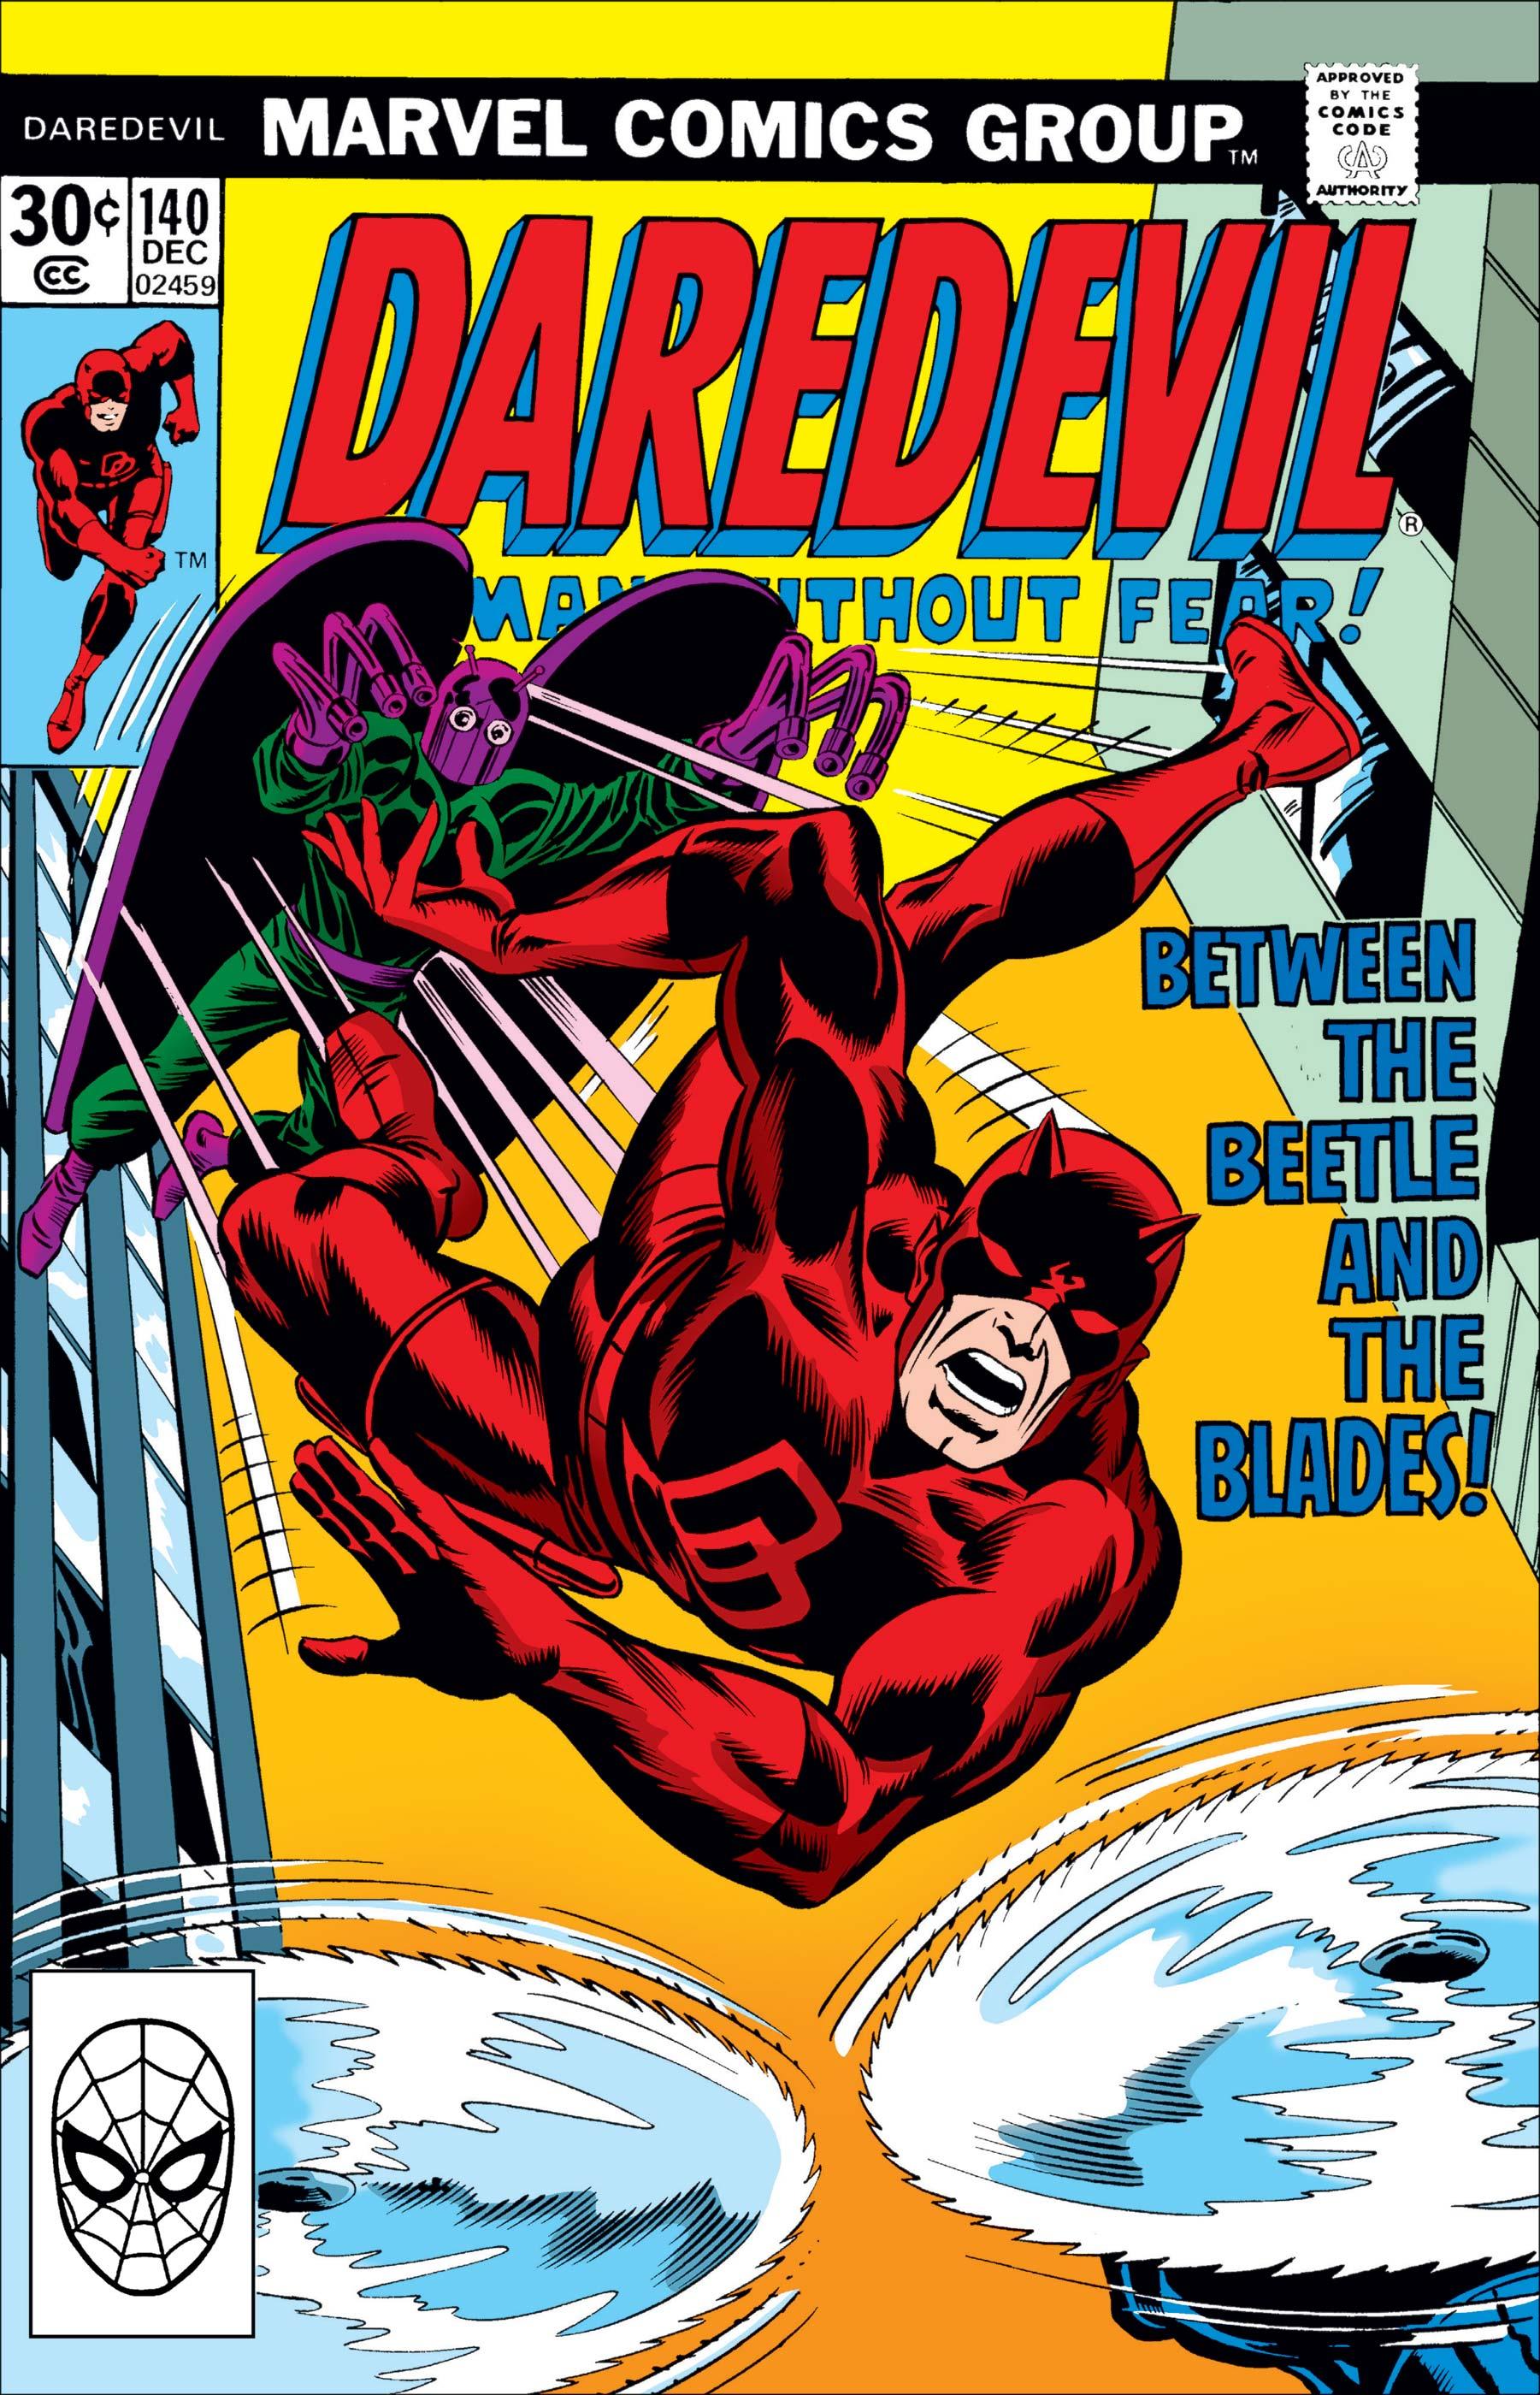 Daredevil (1964) #140